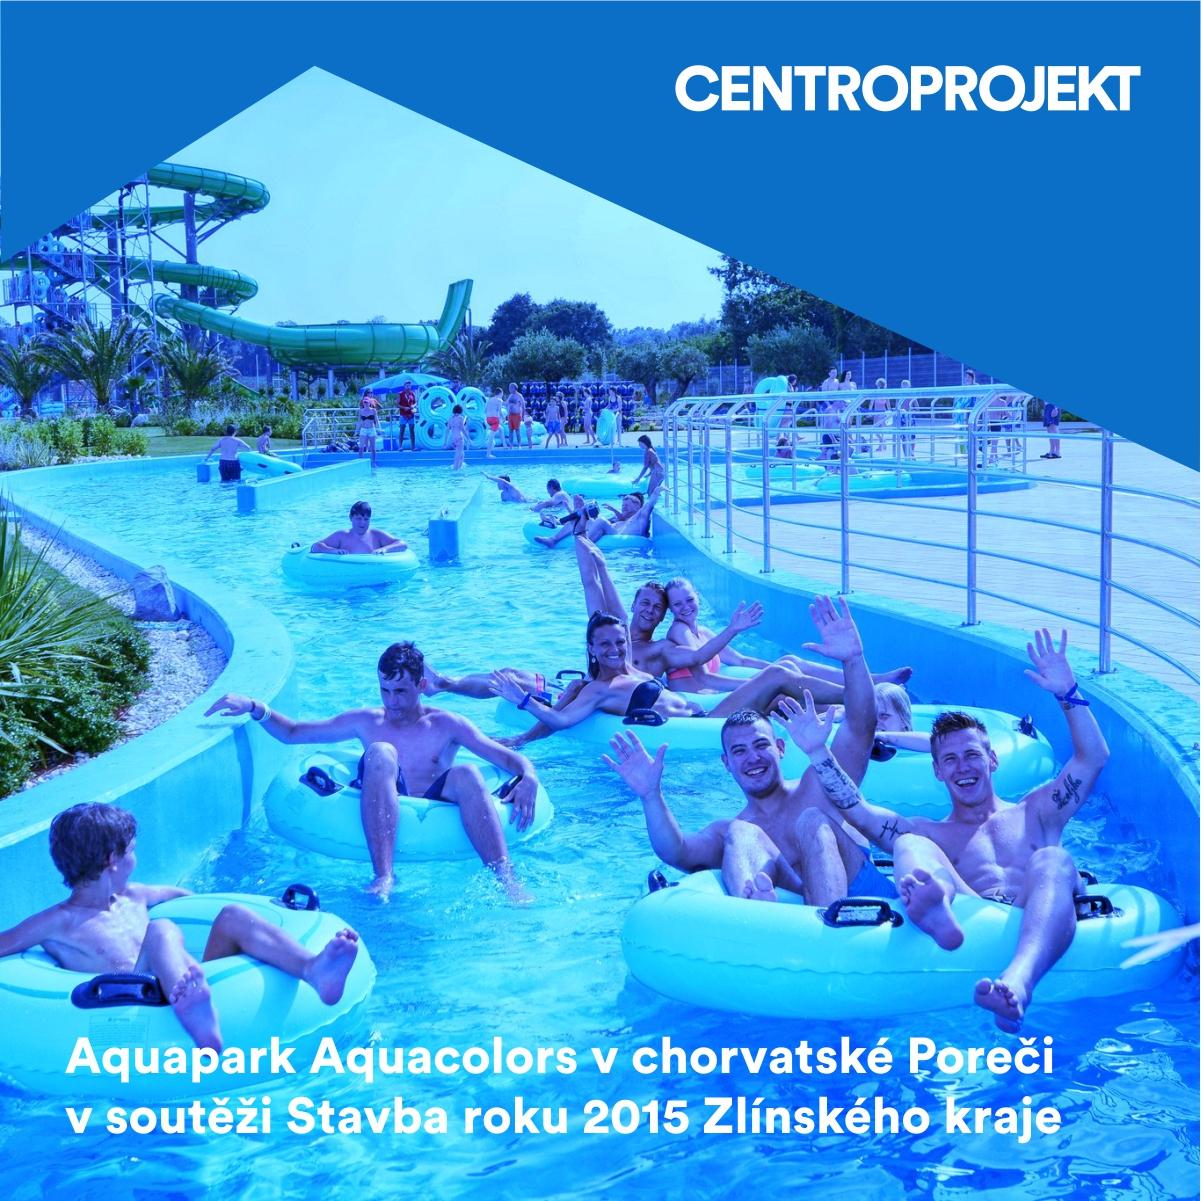 Aquapark Aquacolors v chorvatské Poreči v soutěži Stavba roku Zlínského kraje